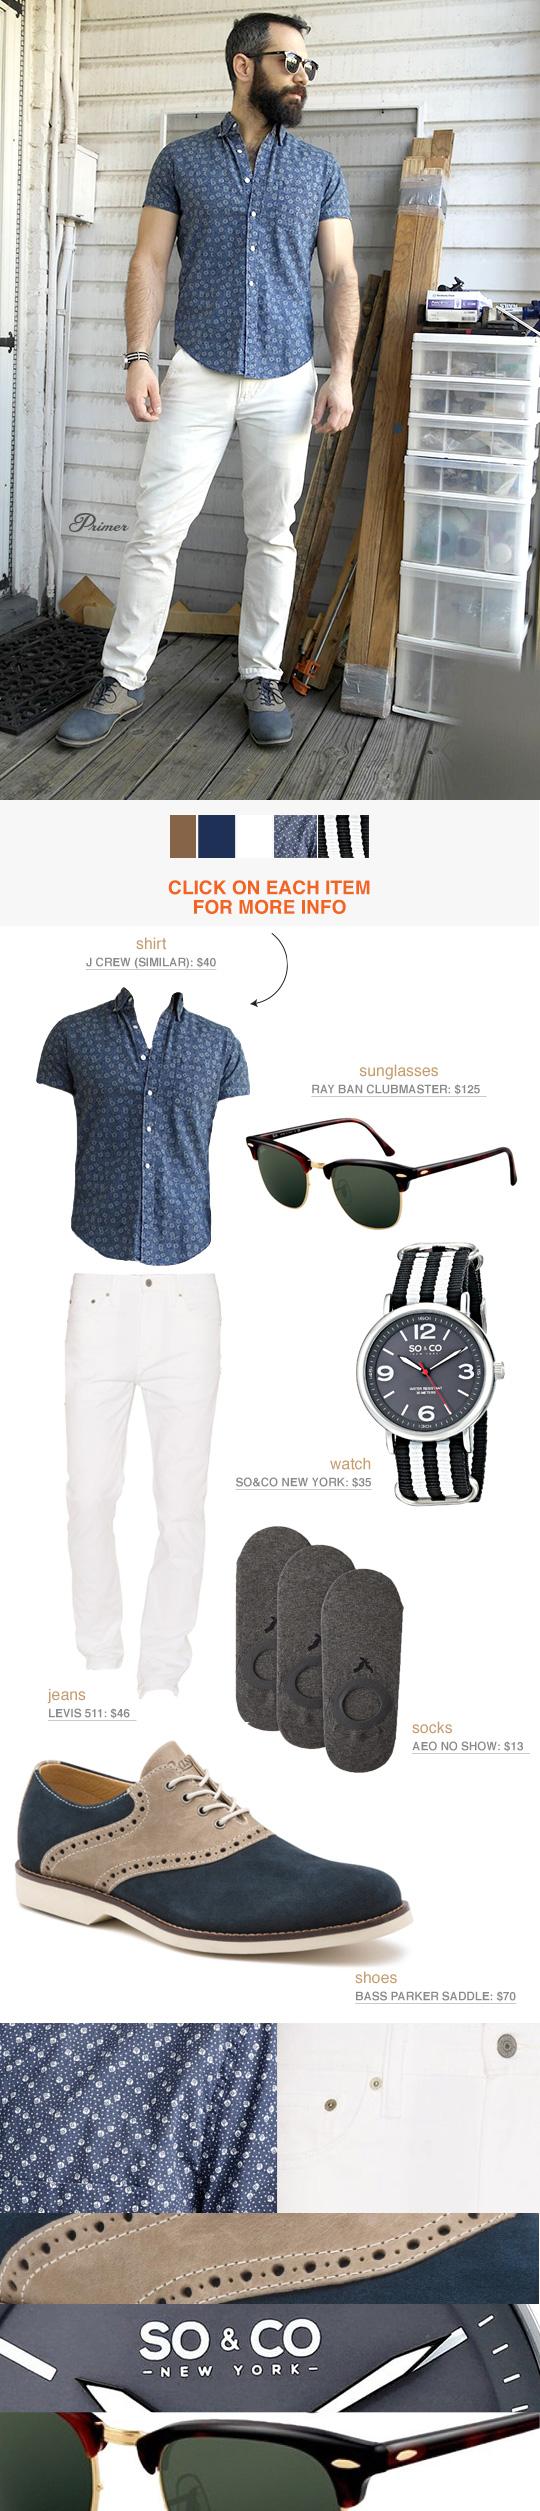 Men's White Jeans Inspiration